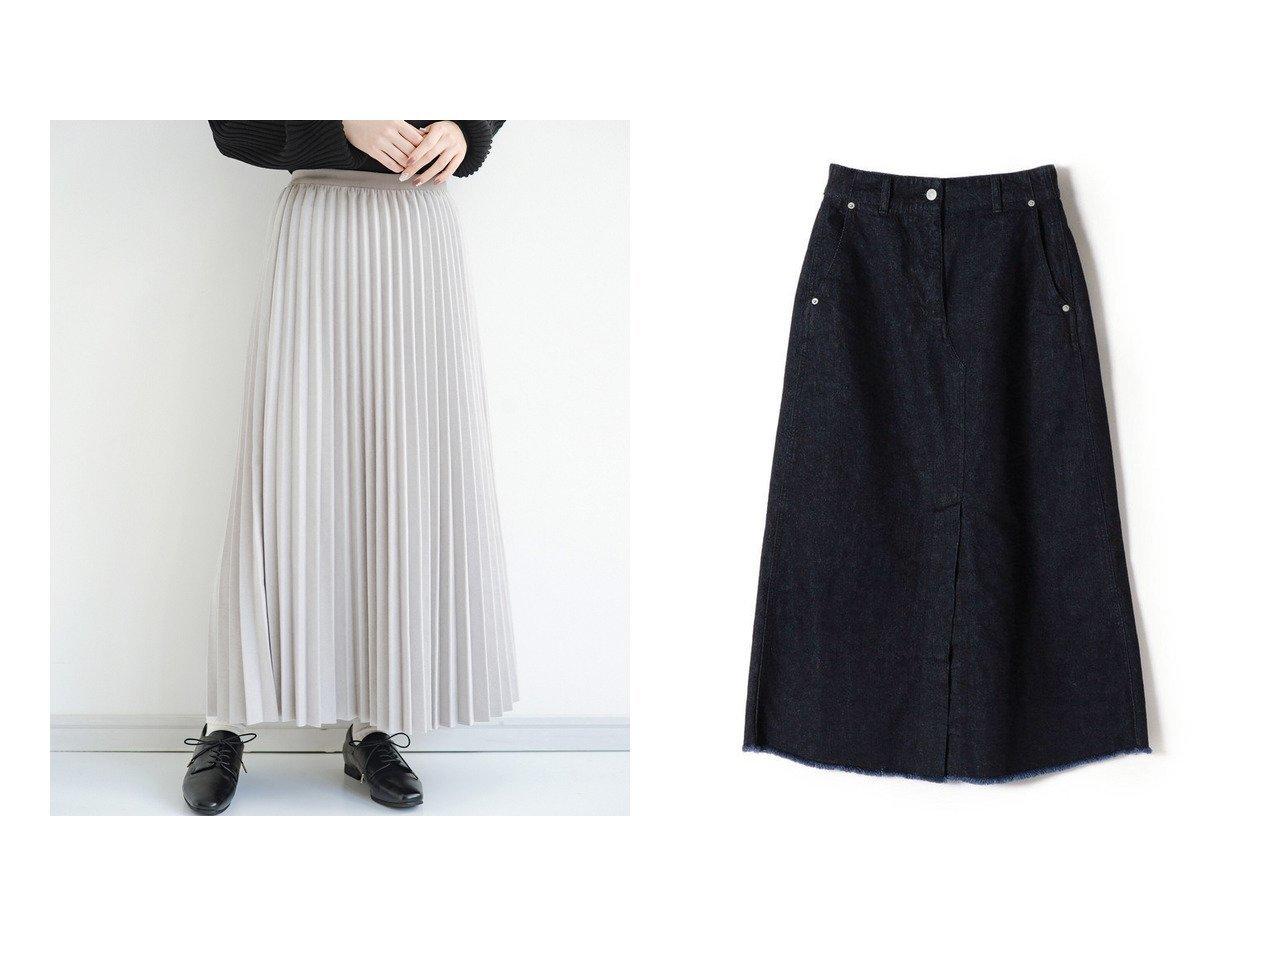 【haco/ハコ】のたちまち旬顔!ニットにもスウェットにも似合うフェイクスエードのプリーツスカート by Nohea&【SHIPS/シップス フォー ウィメン】のPrimaryNavyLabel Aラインデニムスカート スカートのおすすめ!人気、トレンド・レディースファッションの通販 おすすめで人気の流行・トレンド、ファッションの通販商品 メンズファッション・キッズファッション・インテリア・家具・レディースファッション・服の通販 founy(ファニー) https://founy.com/ ファッション Fashion レディースファッション WOMEN スカート Skirt プリーツスカート Pleated Skirts デニムスカート Denim Skirts Aライン/フレアスカート Flared A-Line Skirts スウェット スニーカー チュニック トレンド なめらか ビッグ フェイクスエード プリーツ ポケット 楽ちん A/W 秋冬 AW Autumn/Winter / FW Fall-Winter 再入荷 Restock/Back in Stock/Re Arrival NEW・新作・新着・新入荷 New Arrivals スリット デニム フィット フリンジ フロント ベーシック ロング |ID:crp329100000022494